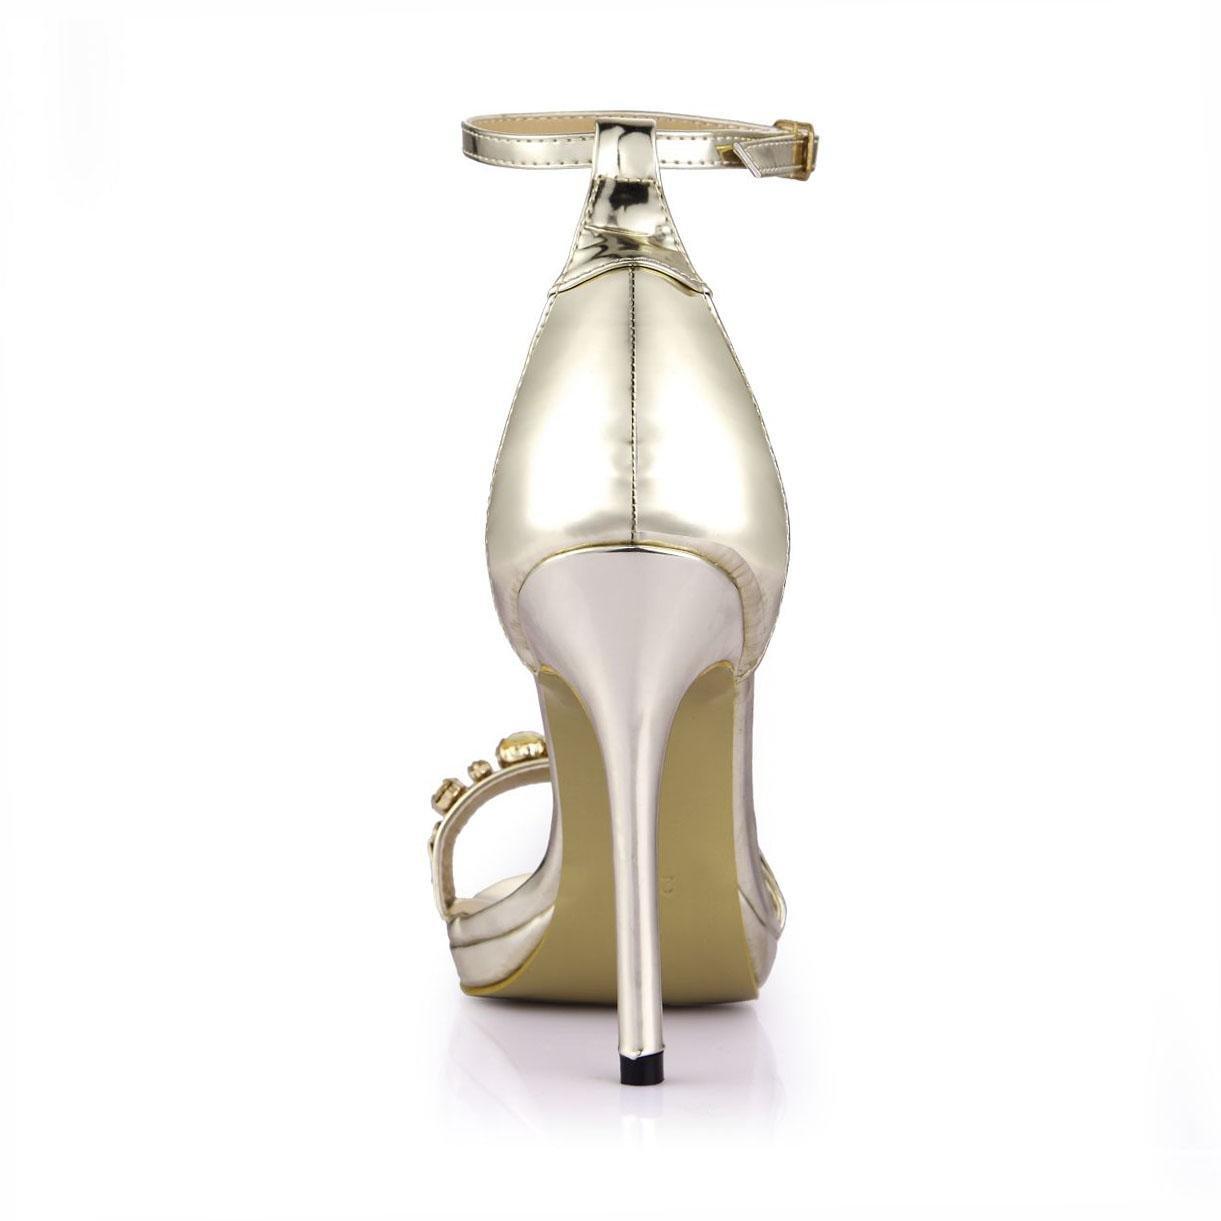 Best 4U® Frauen Sommer Sandalen Schuhe Premium PU Runde Runde Runde Zehe 12 CM Hohe Metall Heels Strass Gummisohle Eine Schnalle Schuhe - 941956